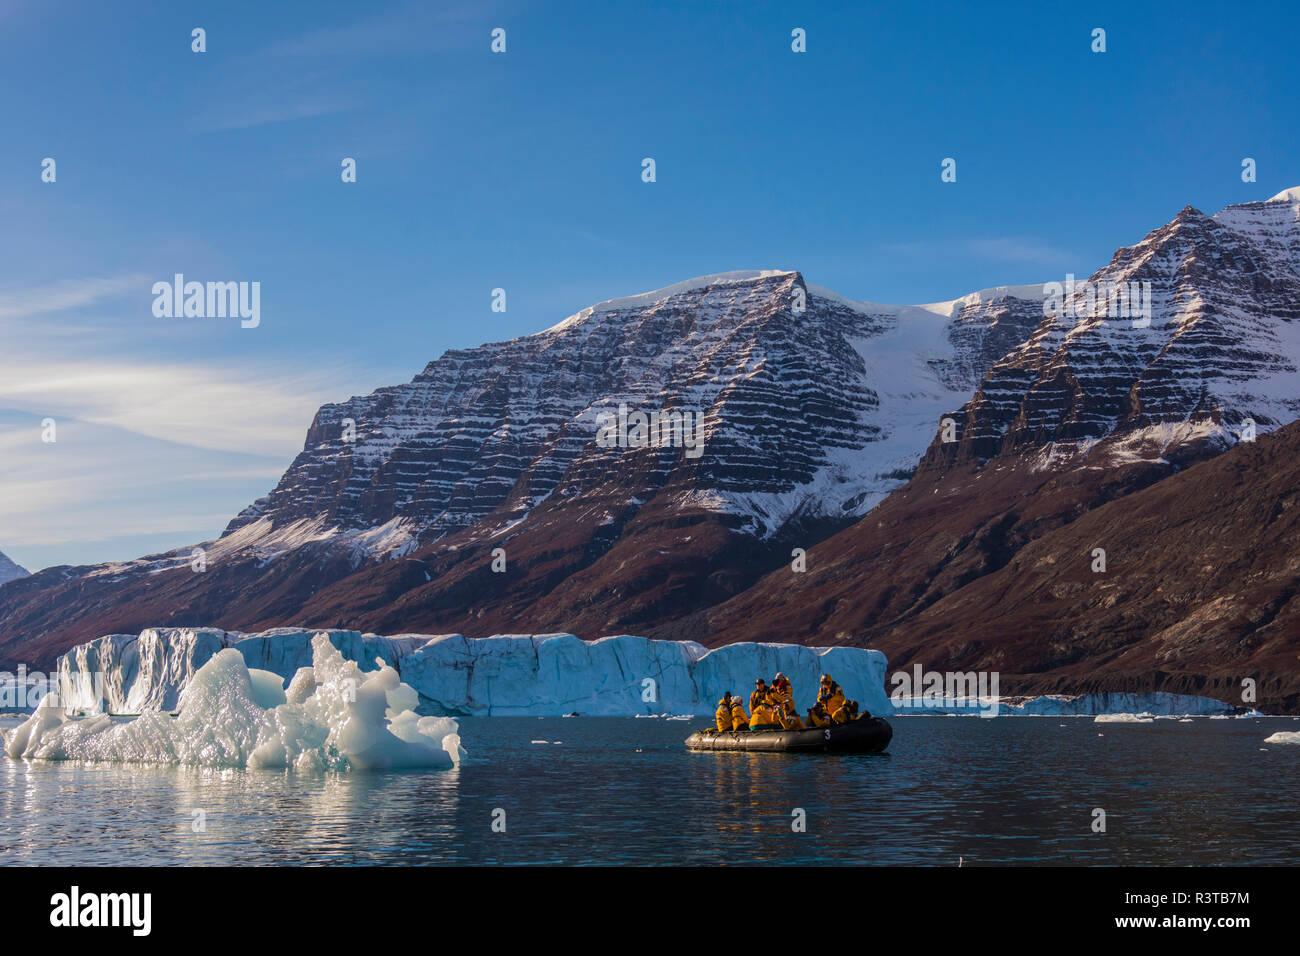 La Groenlandia, Scoresby Sund, Gasefjord. Zodiaco e iceberg. Foto Stock